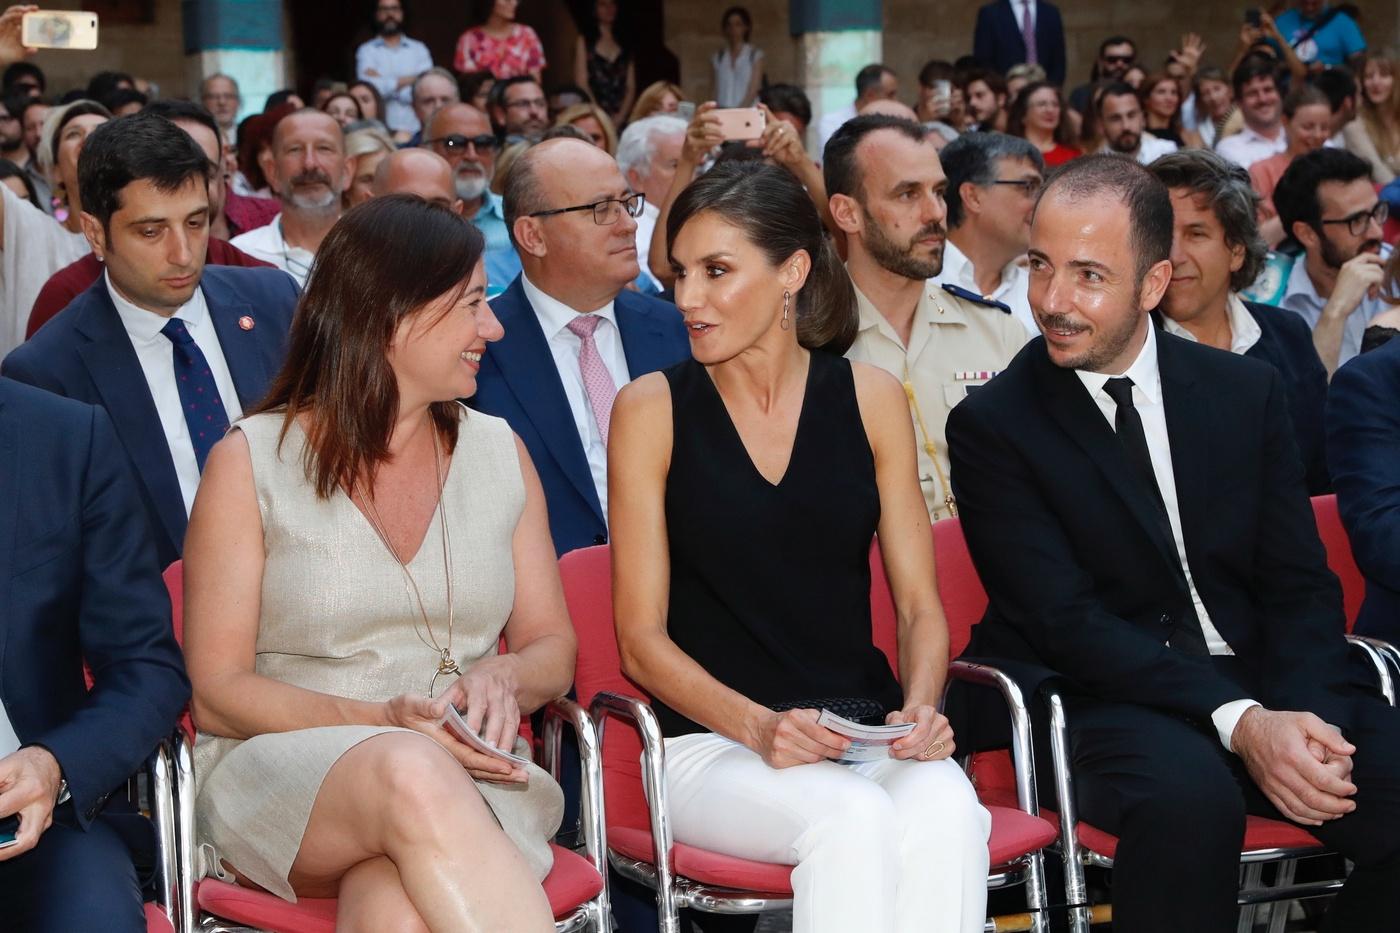 La reina Letiza conversa con la presidenta de la comunidad autónoma de Islas Baleares, Francina Armengol. (Casa de S.M. el Rey)